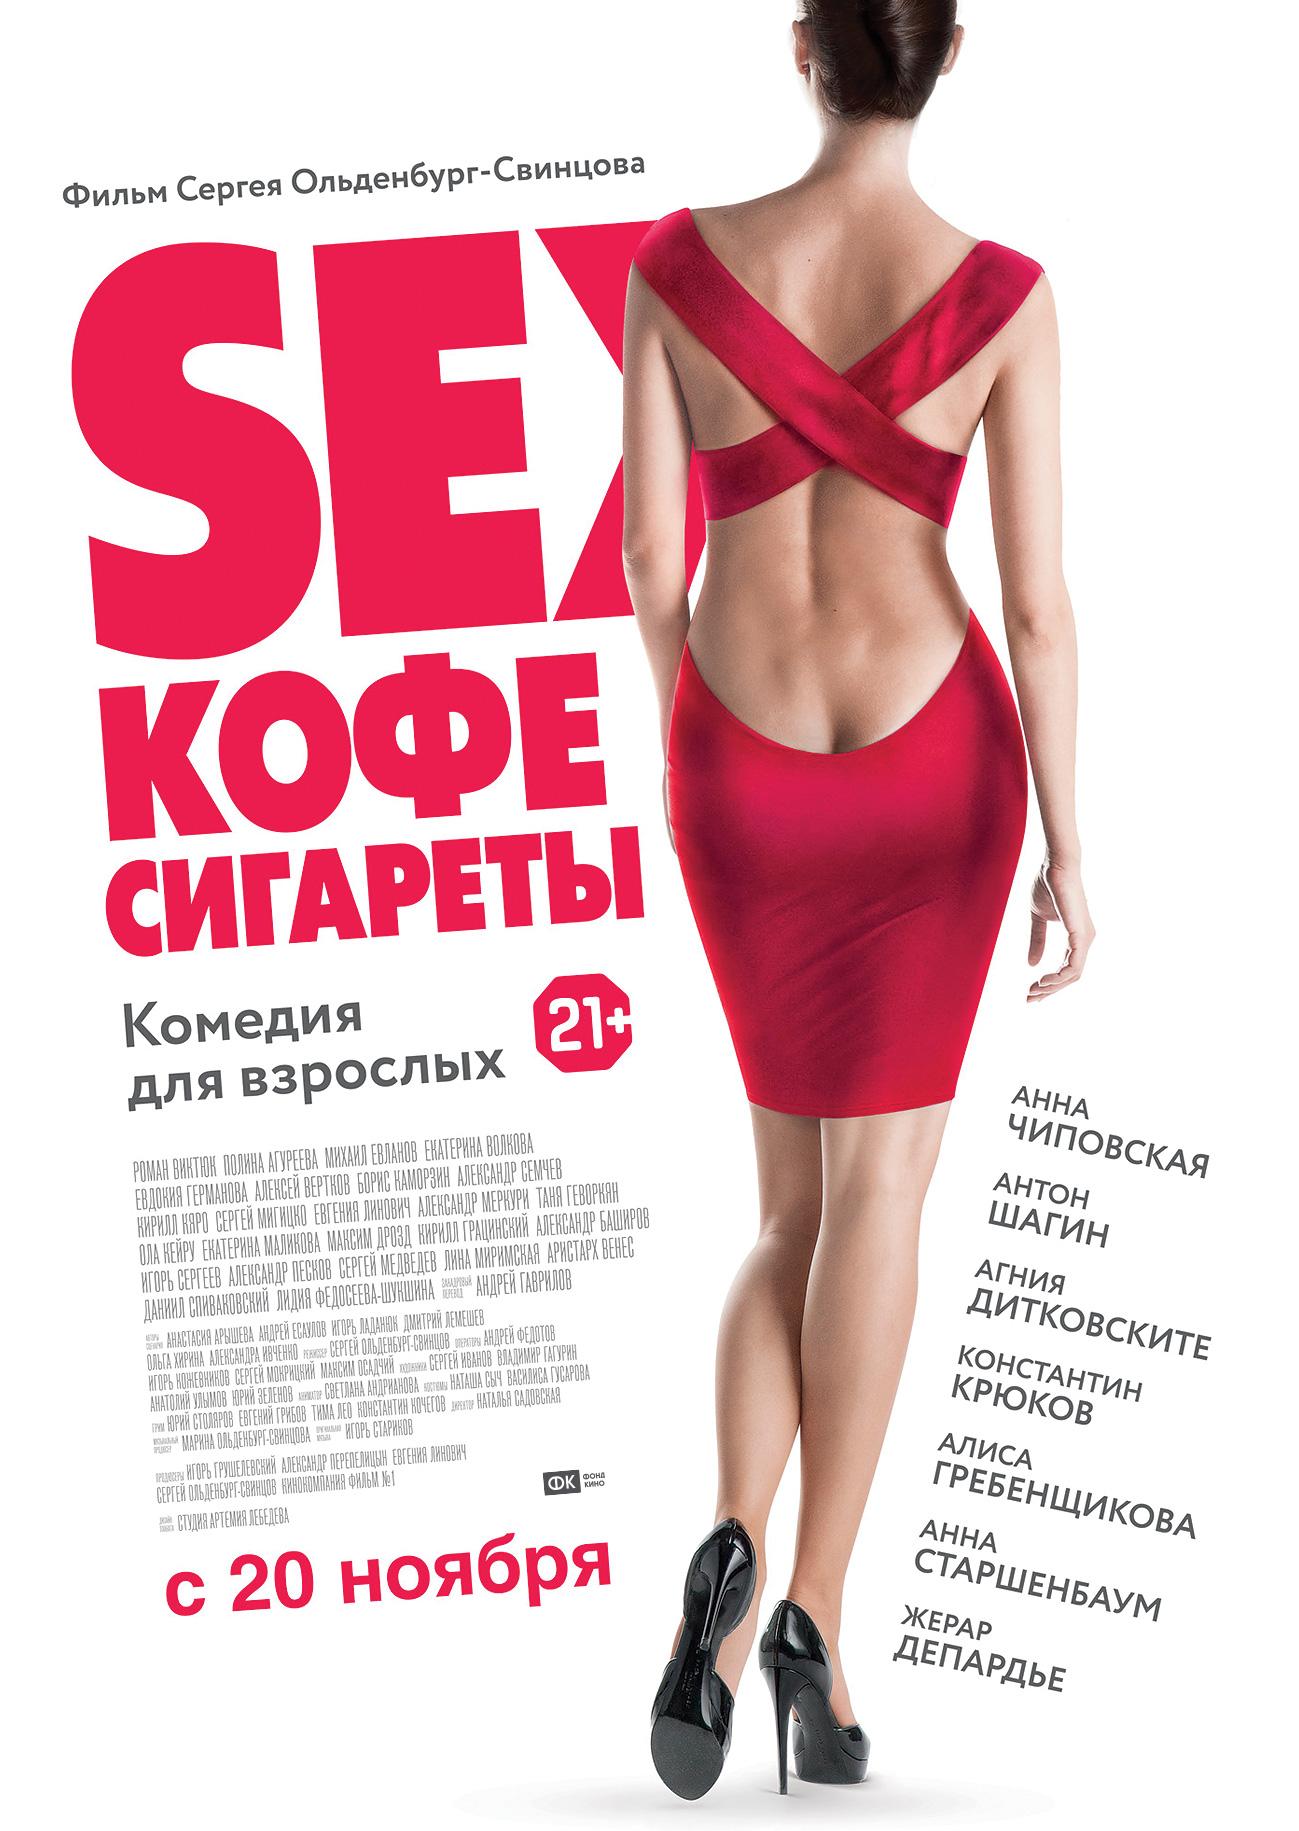 плакат фильма постер Sex, кофе и сигареты